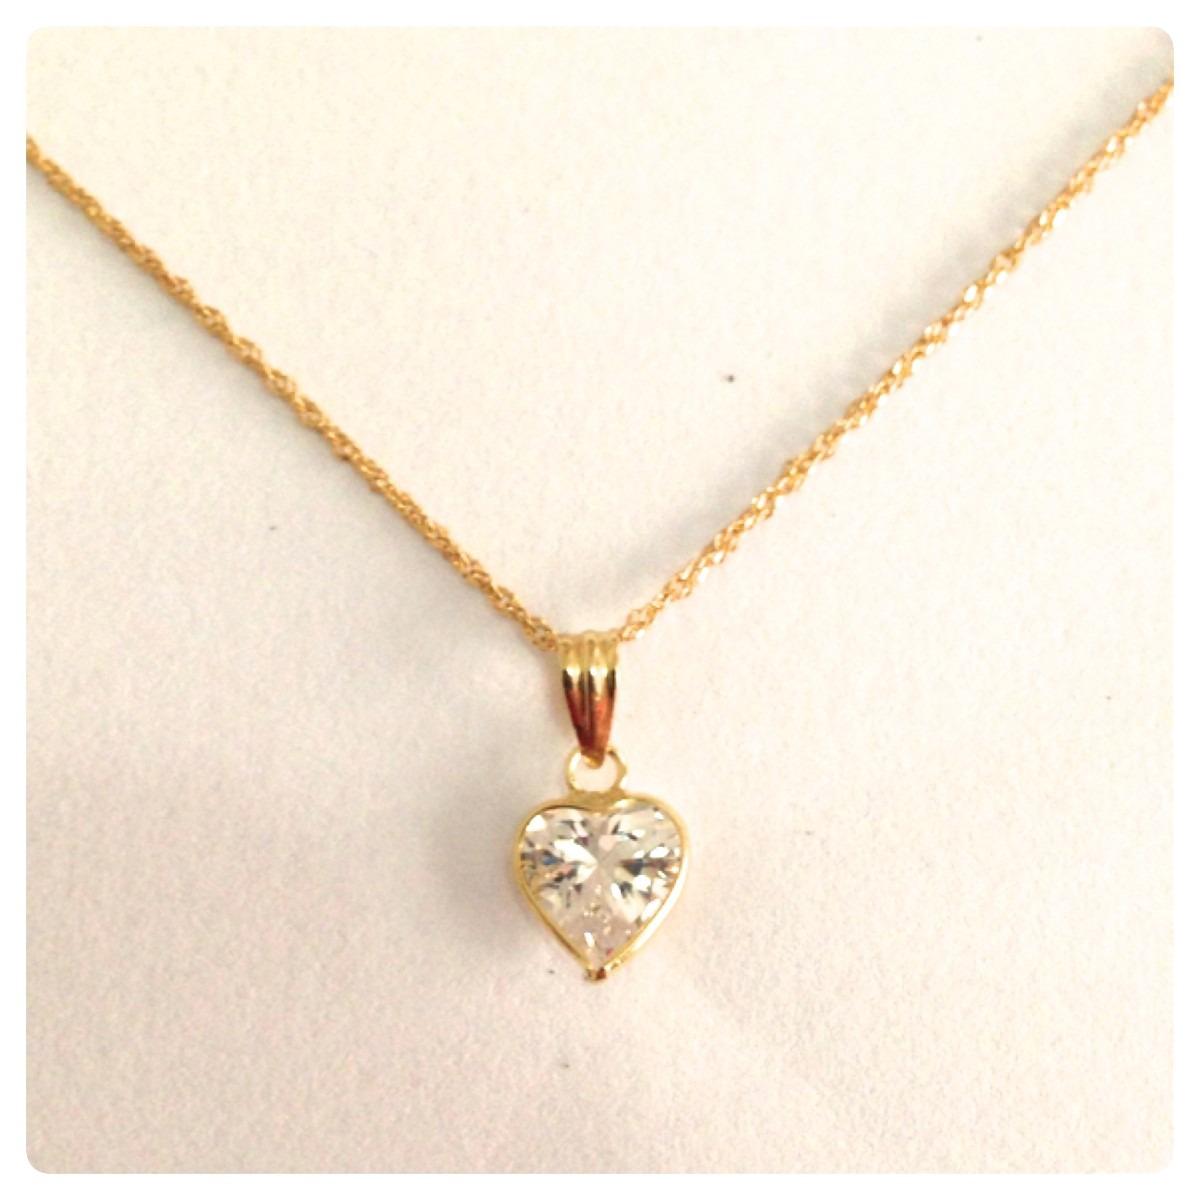 15c77b5b4c14c cordão corrente gargantilha feminina e pingente de ouro 18k. Carregando  zoom.